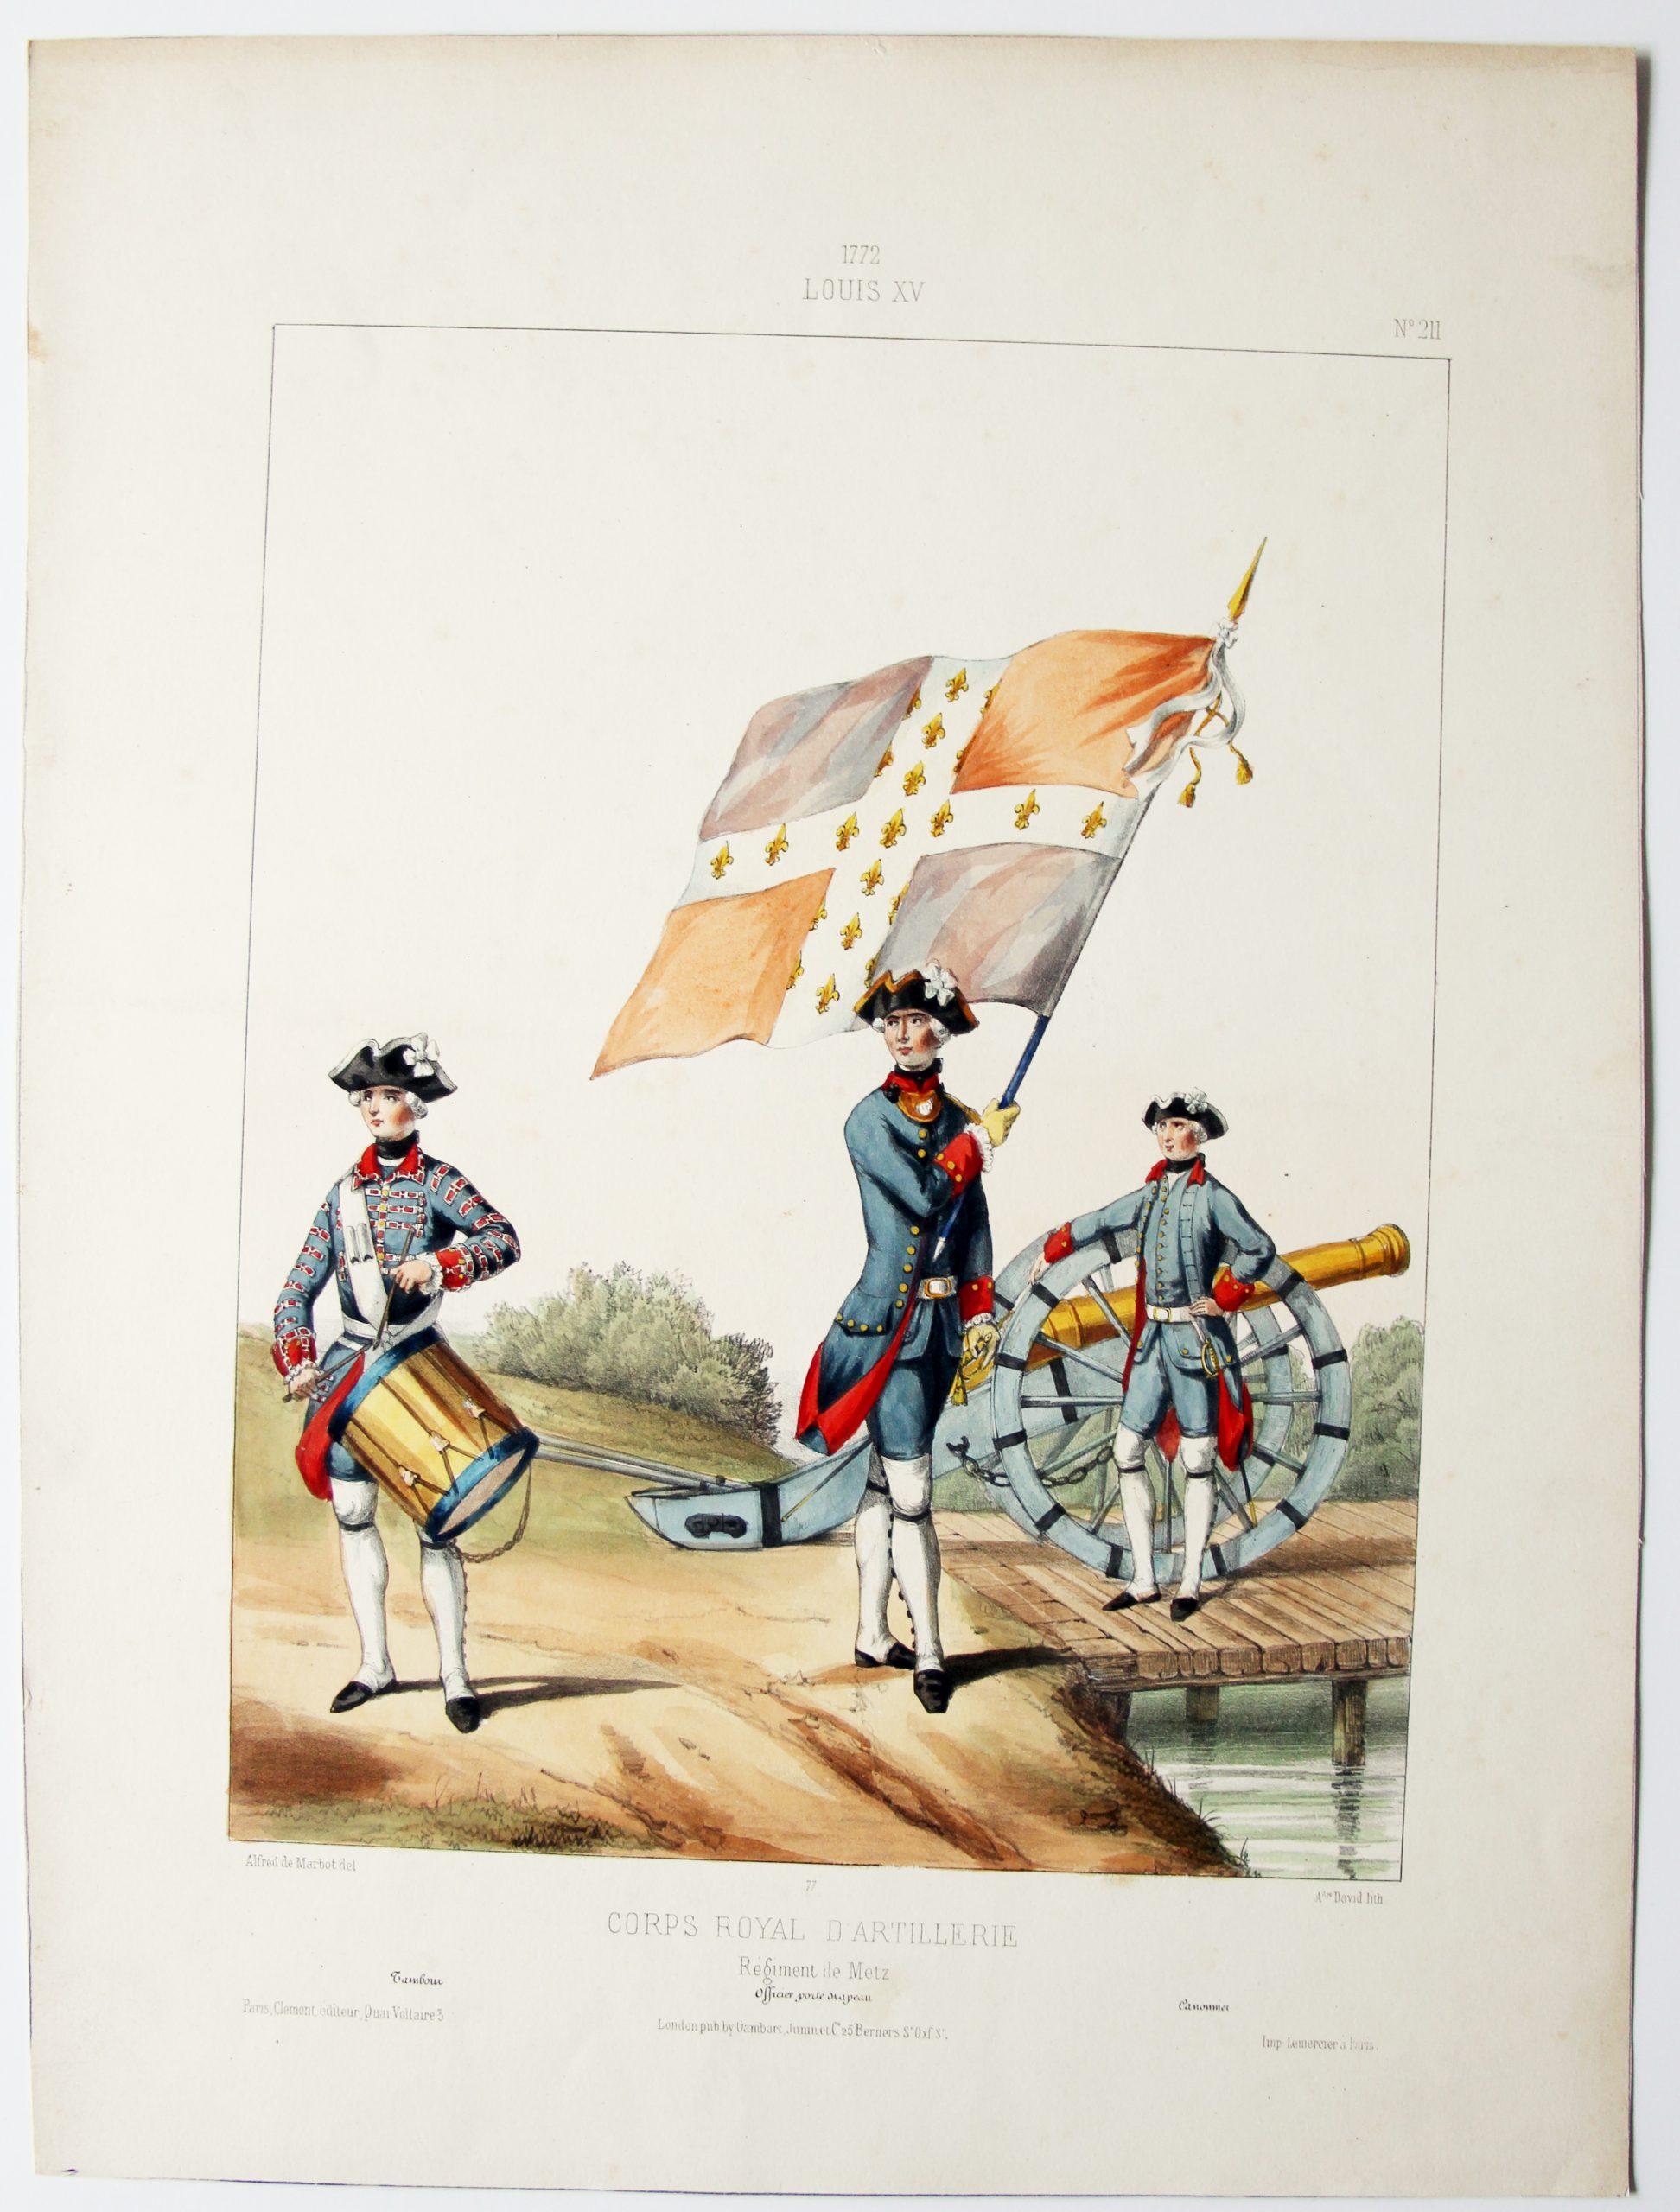 Louis XV - Corps Royal d'artillerie - Uniformes Louis XV - Planche 211 - Alfred de Marbot